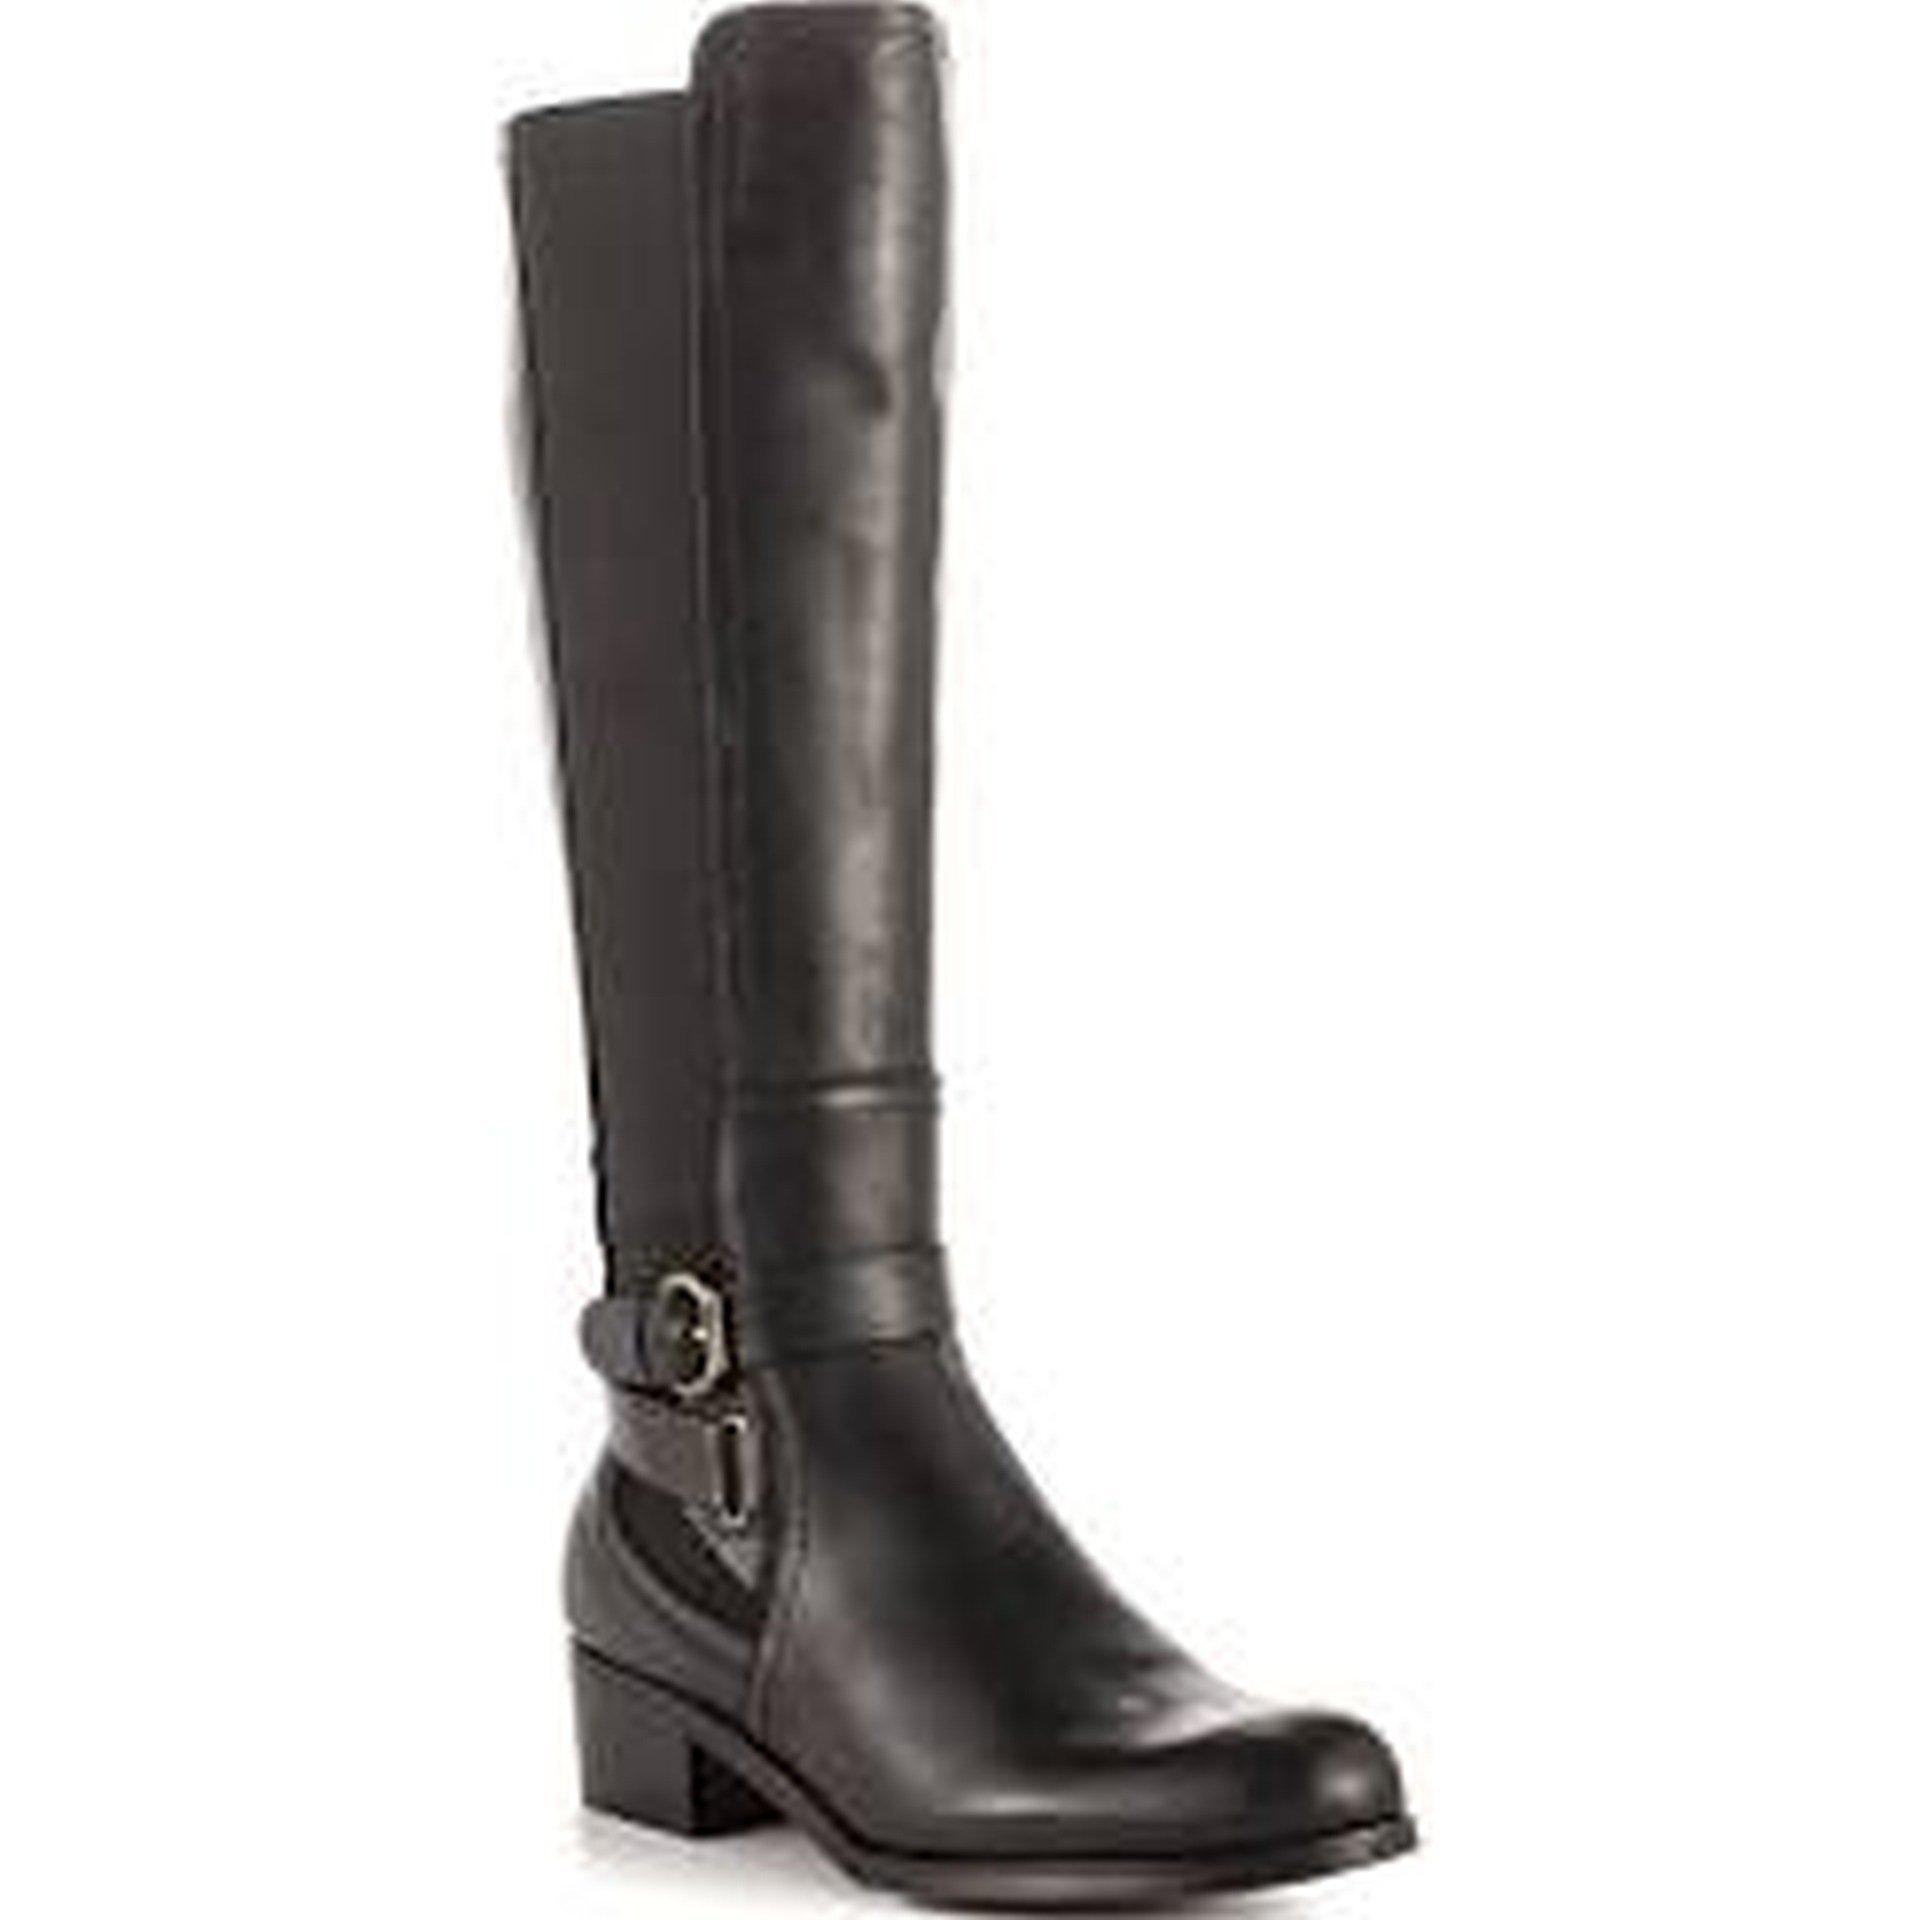 Corso Como Tall Boots - Baylee 6M